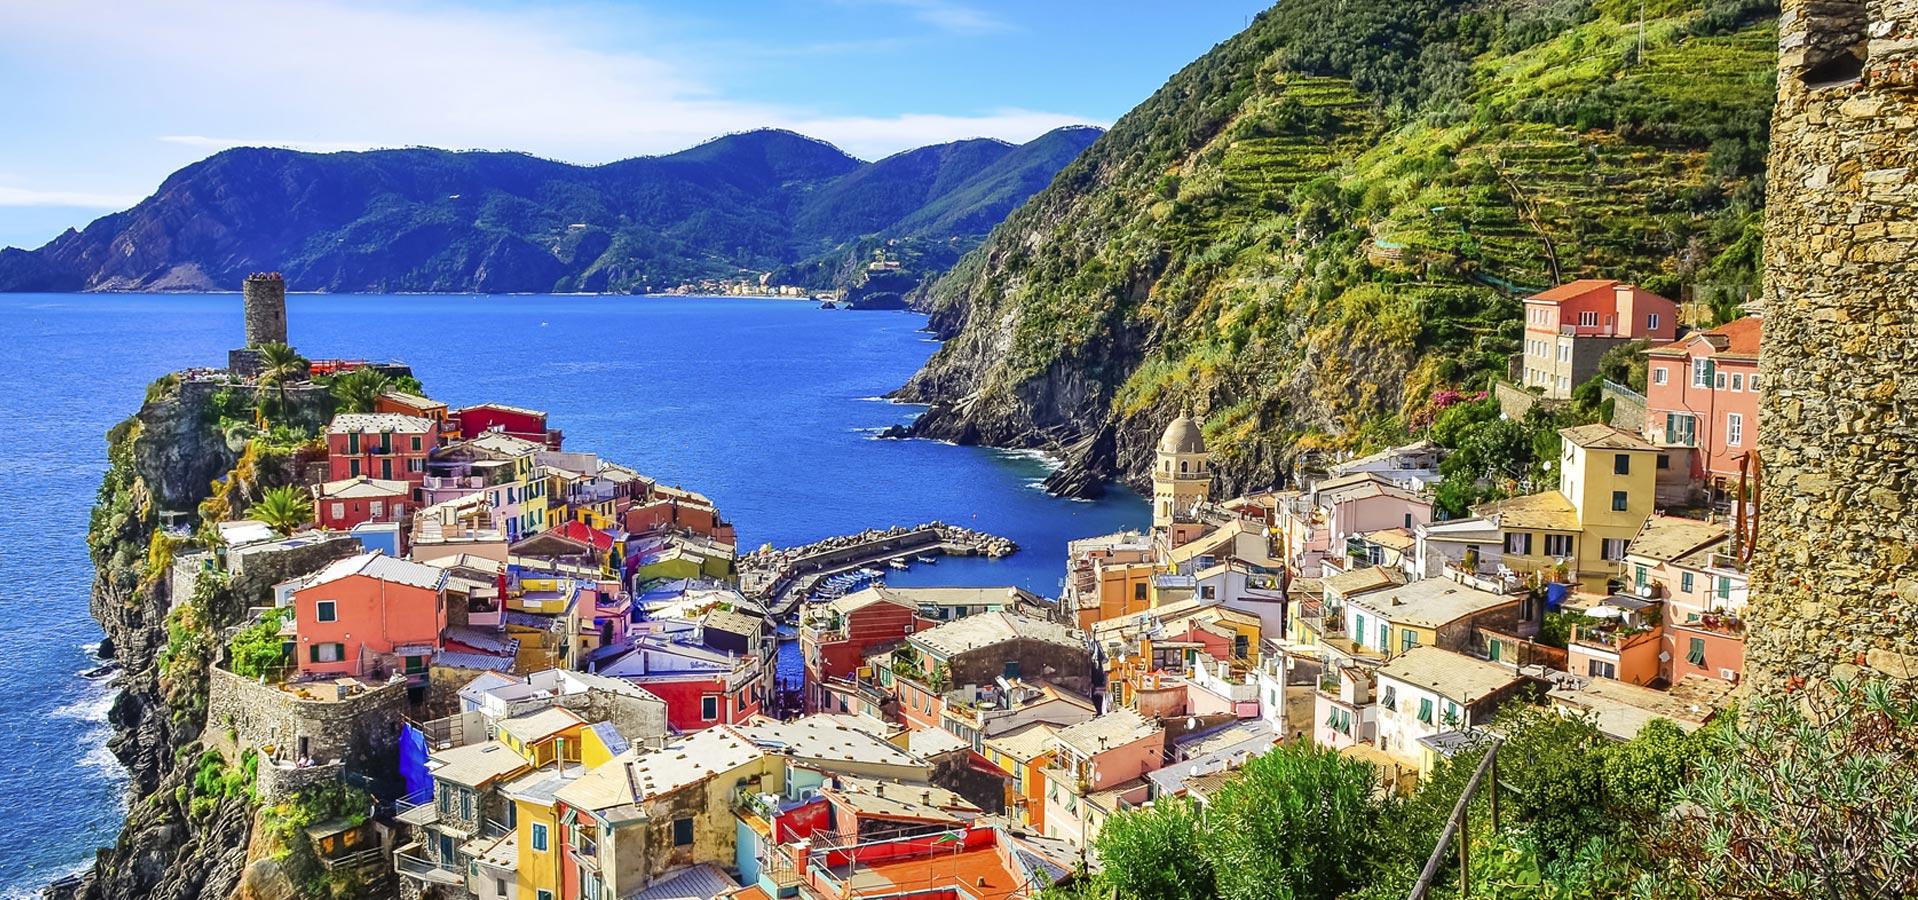 Шопинг тур в Италию + экскурсии!